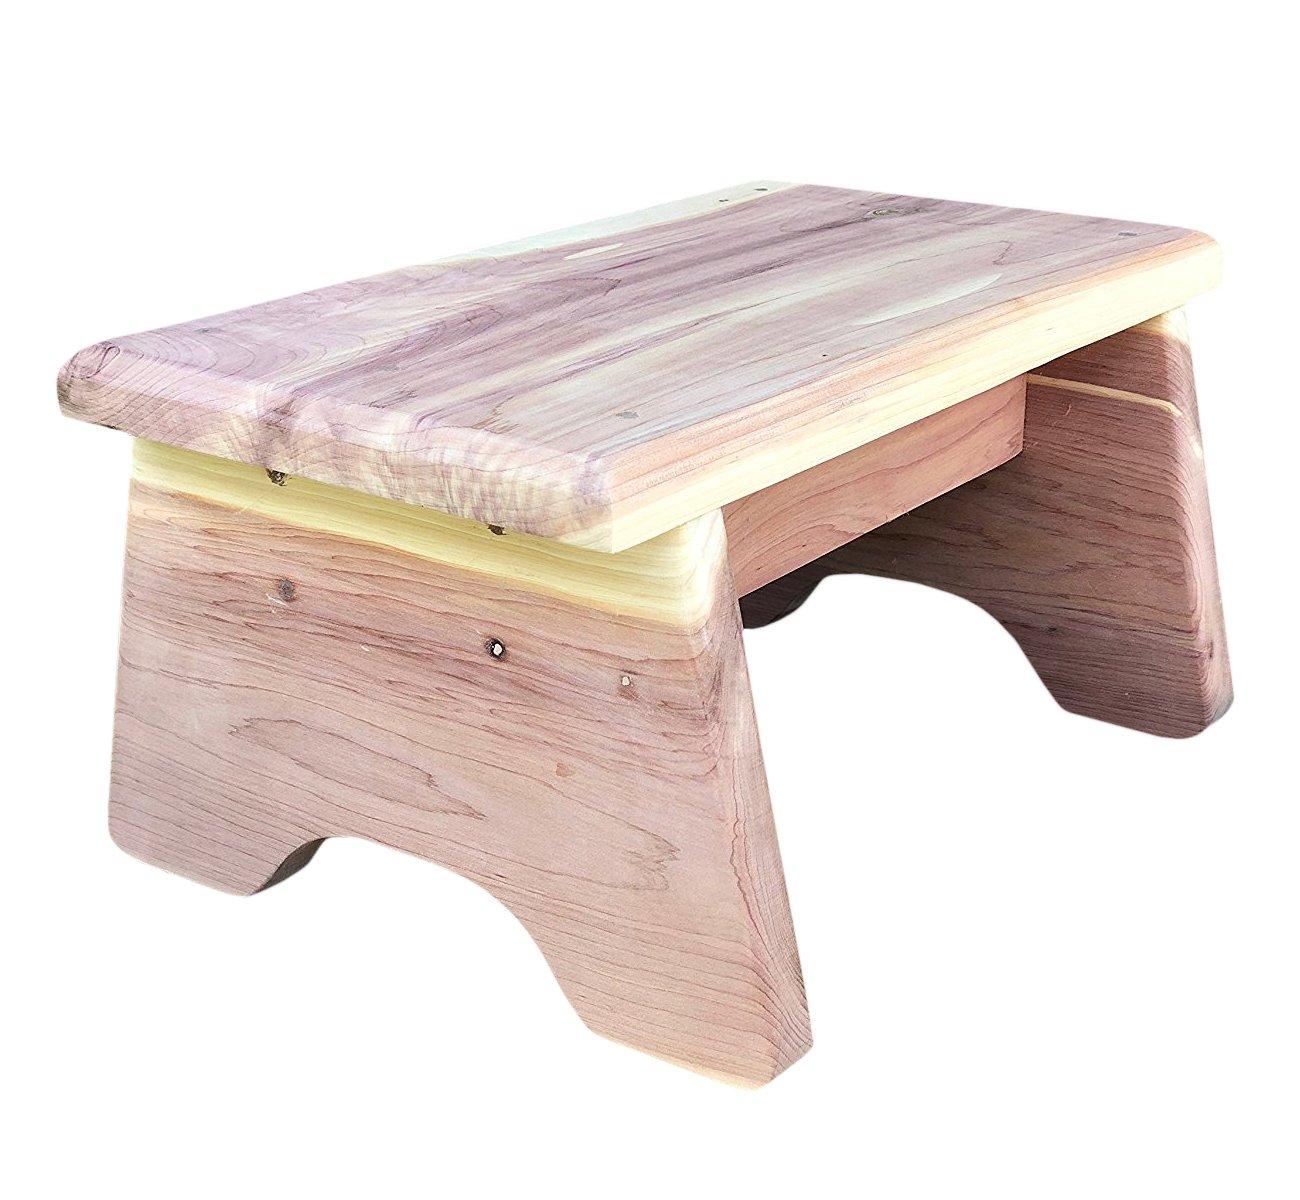 Vundahboah Amish Goods Cedar One Step Stool Curved Leg Style